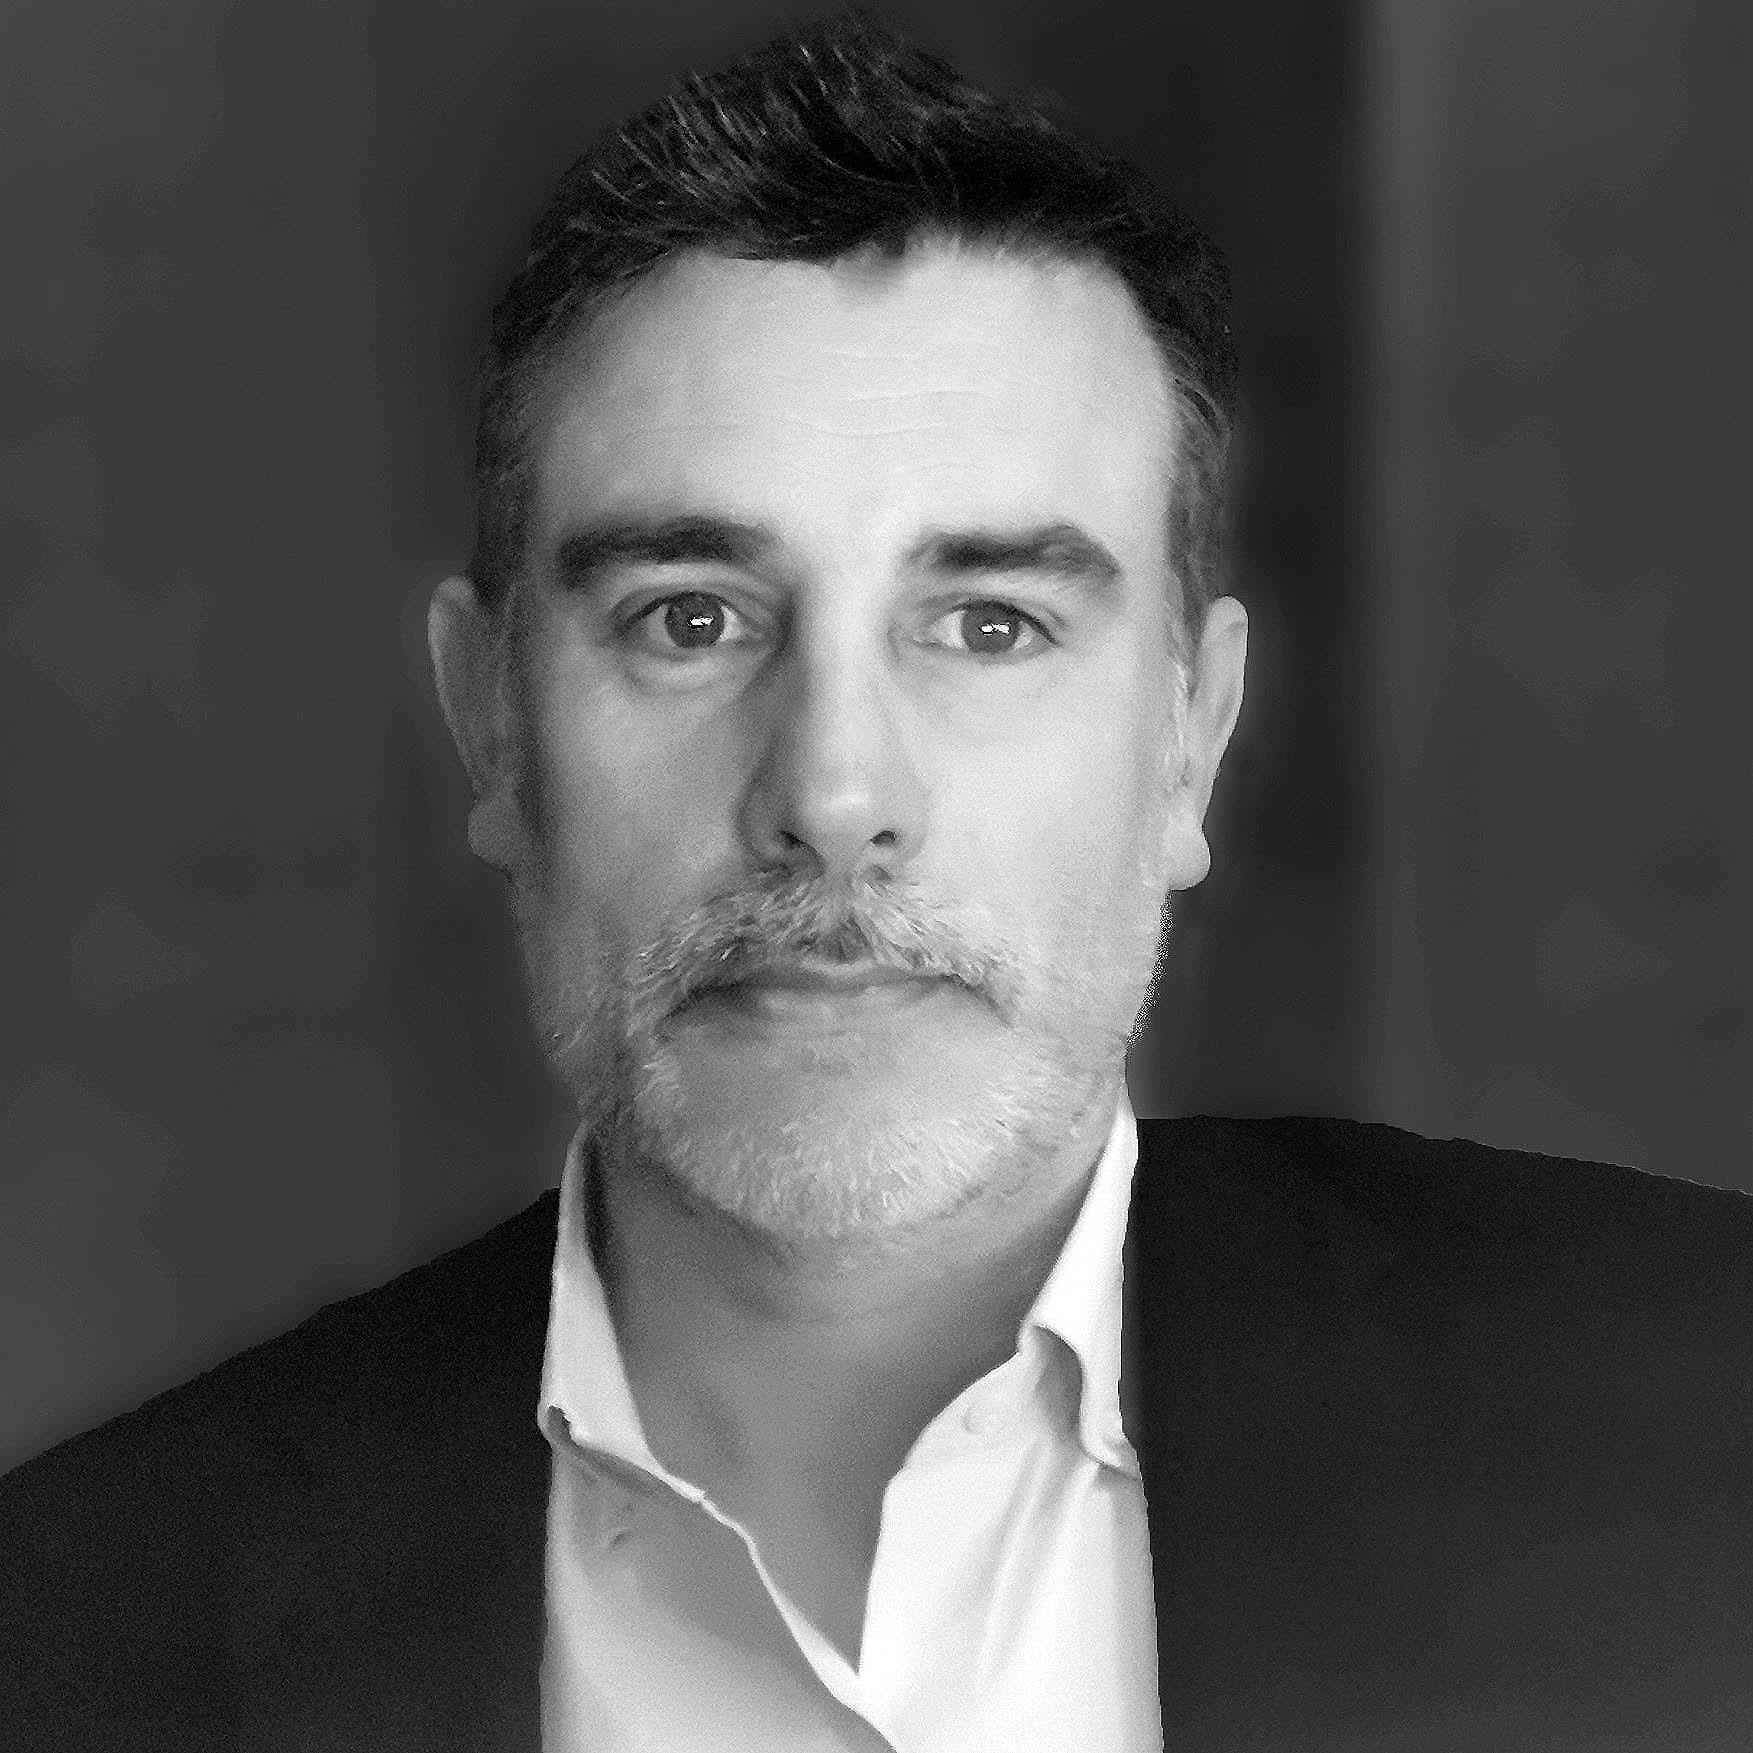 Philip Hogan